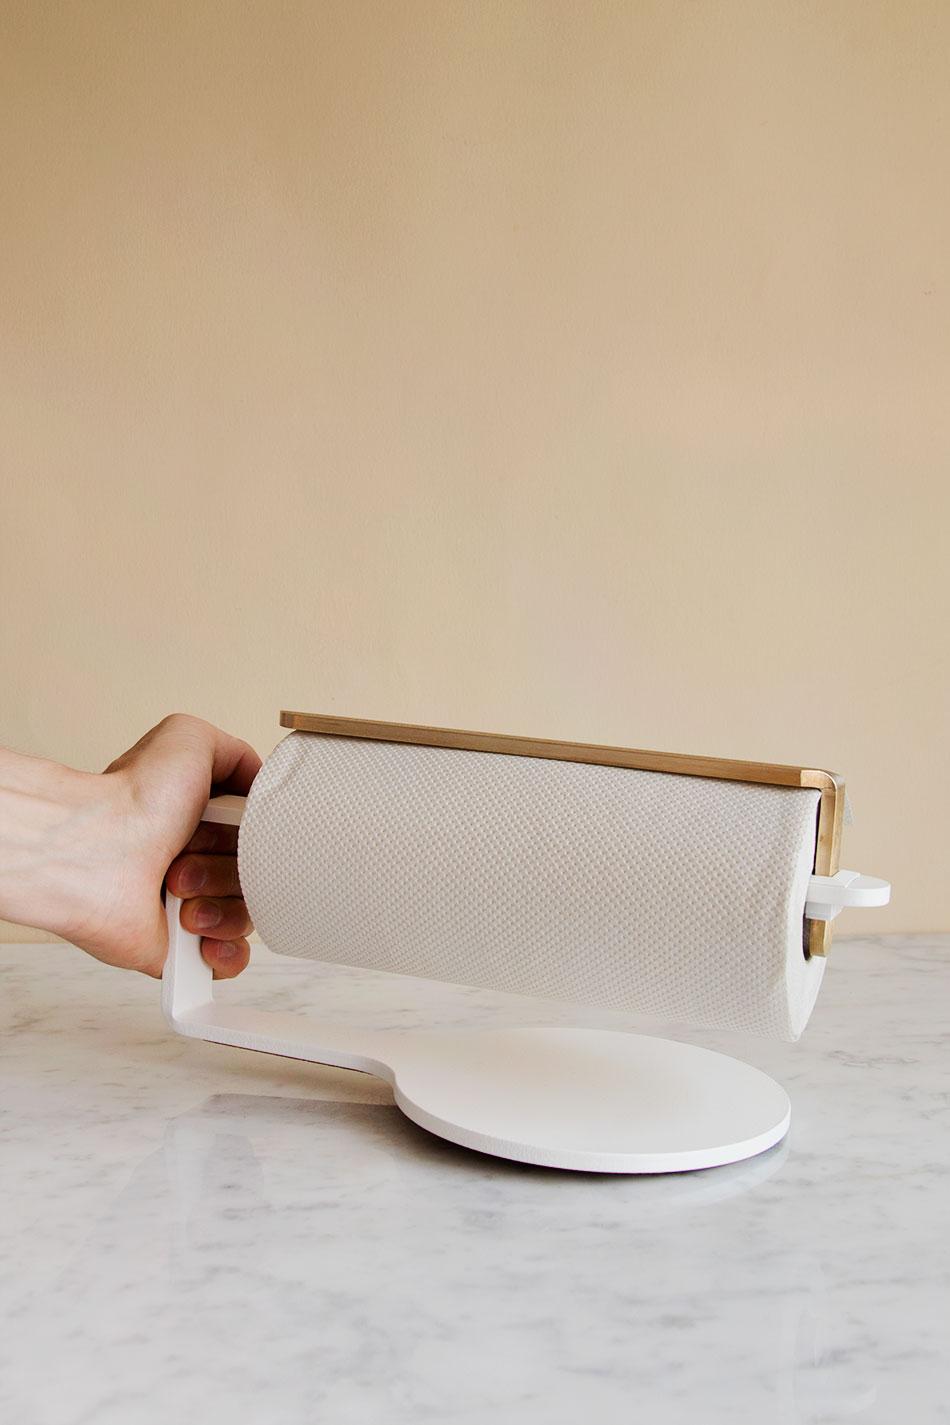 Hushållsrullehållare Vit/Mässing